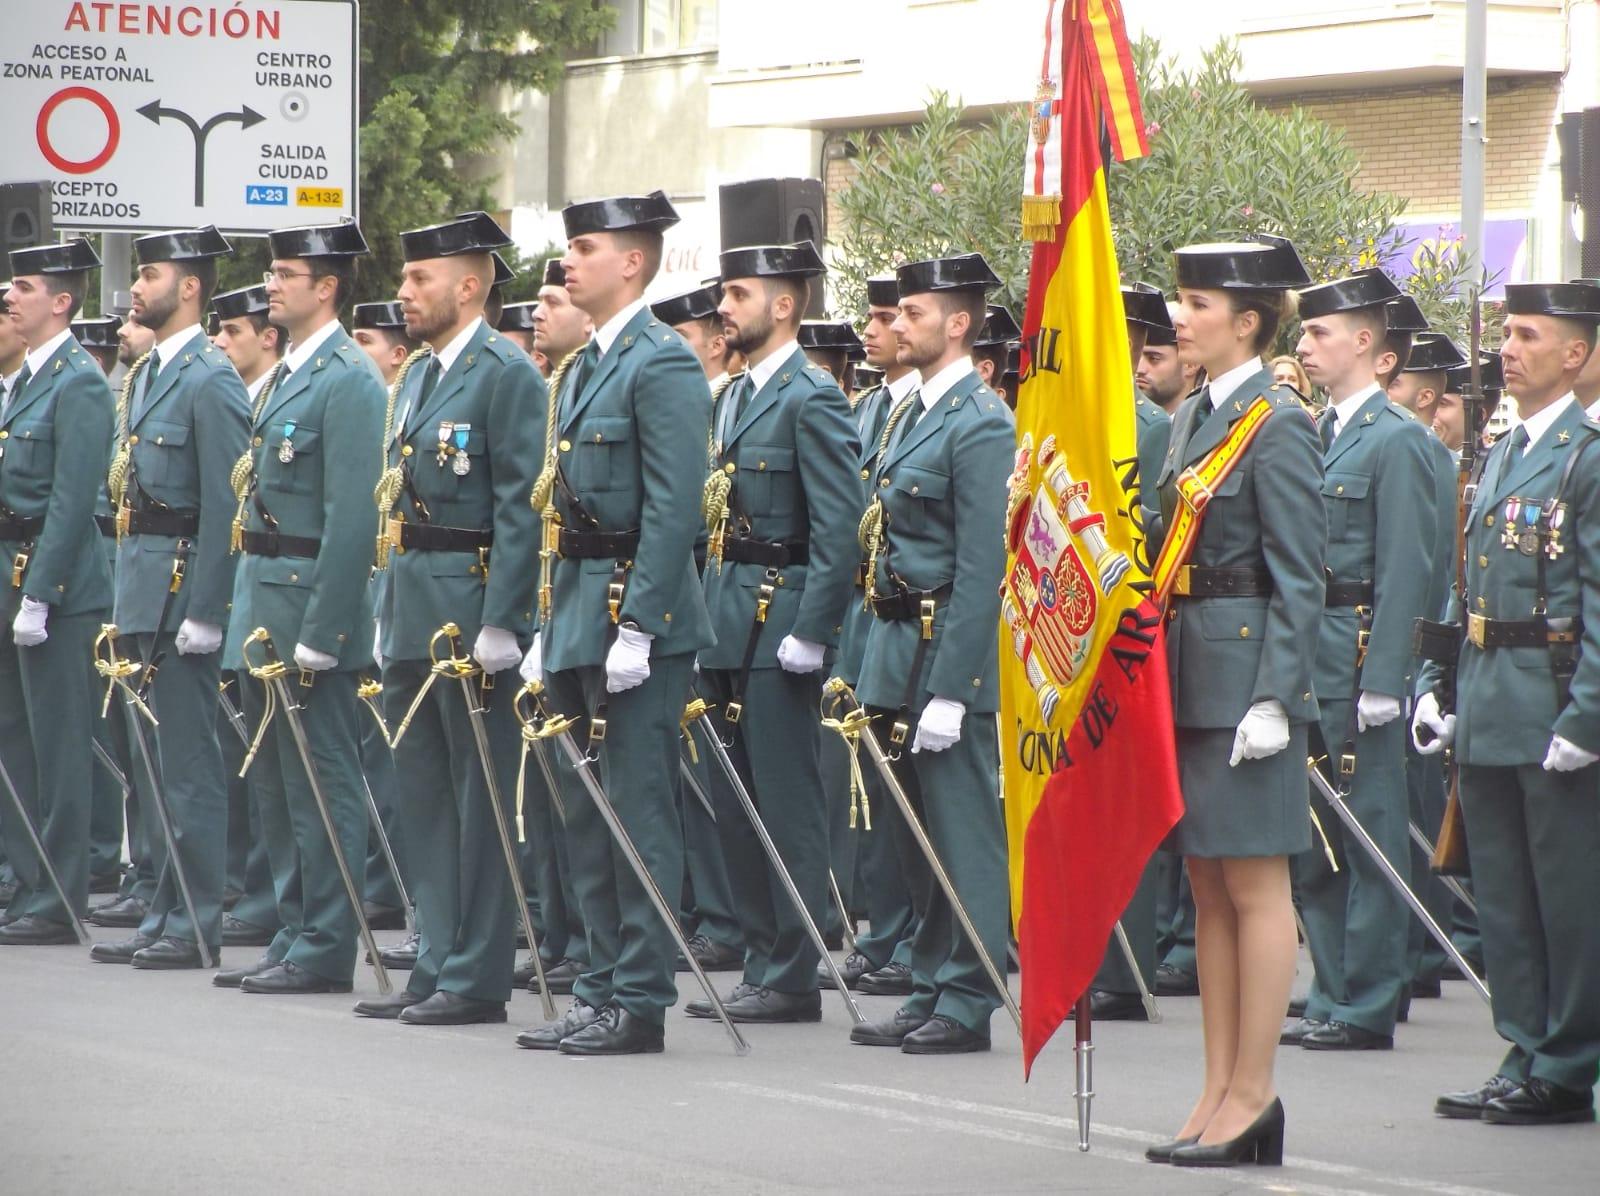 Grande-Marlaska preside en Huesca el acto central de la Guardia Civil por la celebración de su patrona